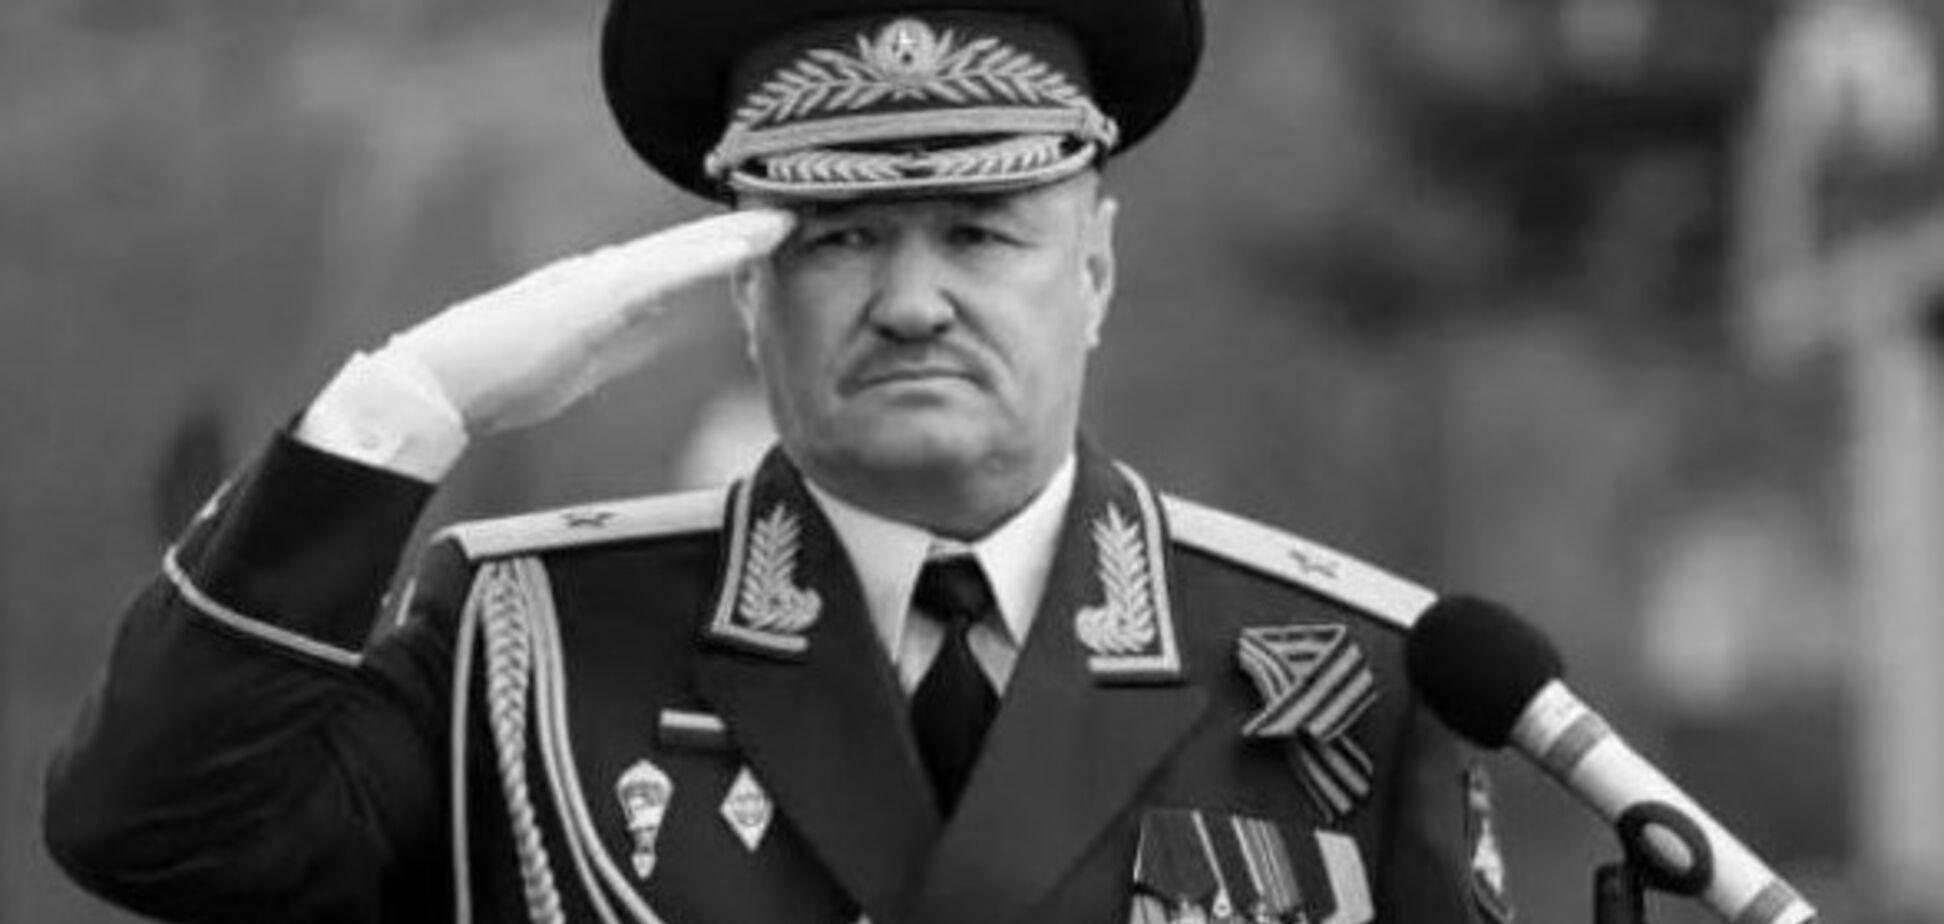 'Донецького' генерала Путіна розстріляли в Сирії: з'явилося підтвердження